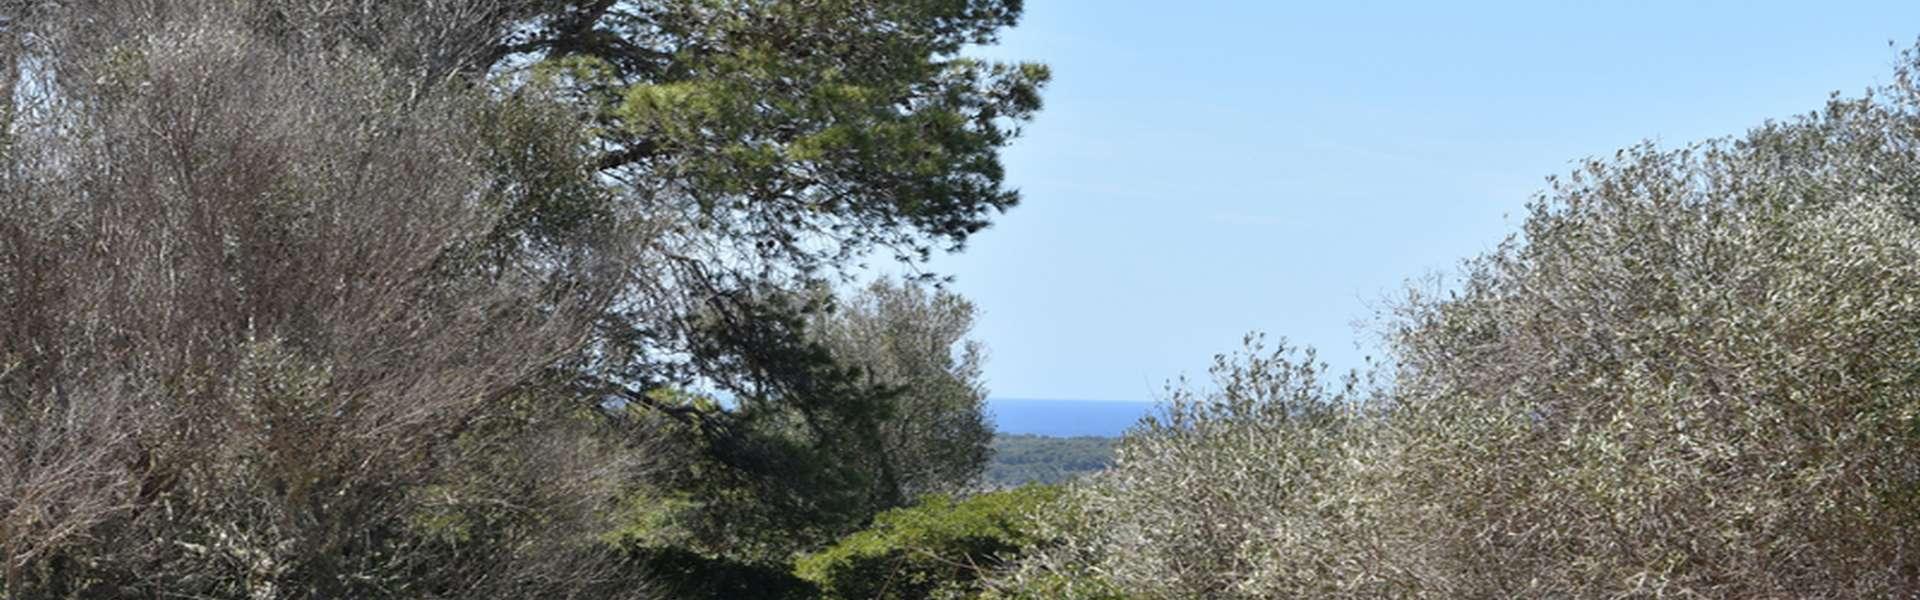 Santanyí - Finca de nueva construcción con vistas al mar